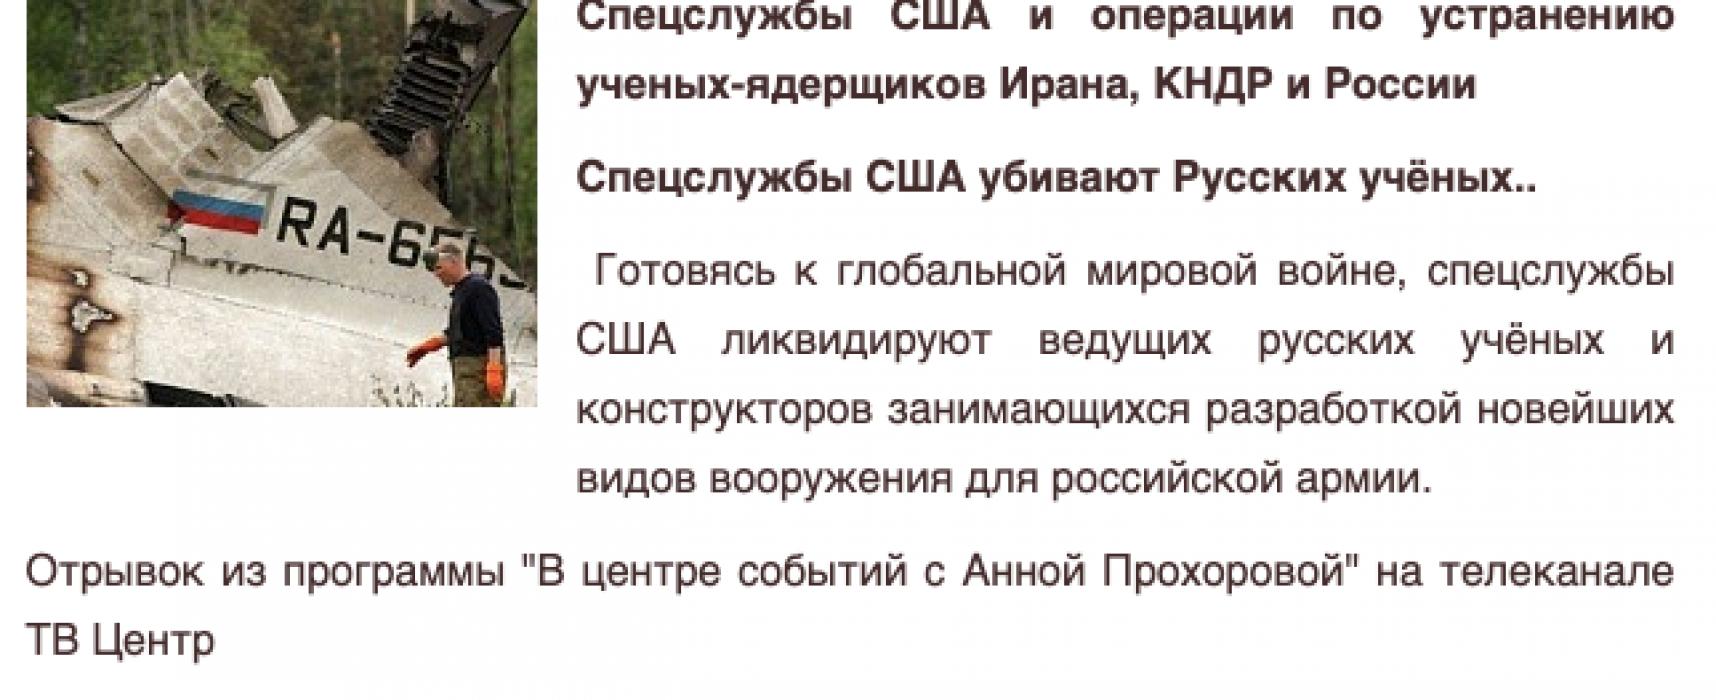 Фейк: Український літак збили через іранських фізиків-ядерників на борту